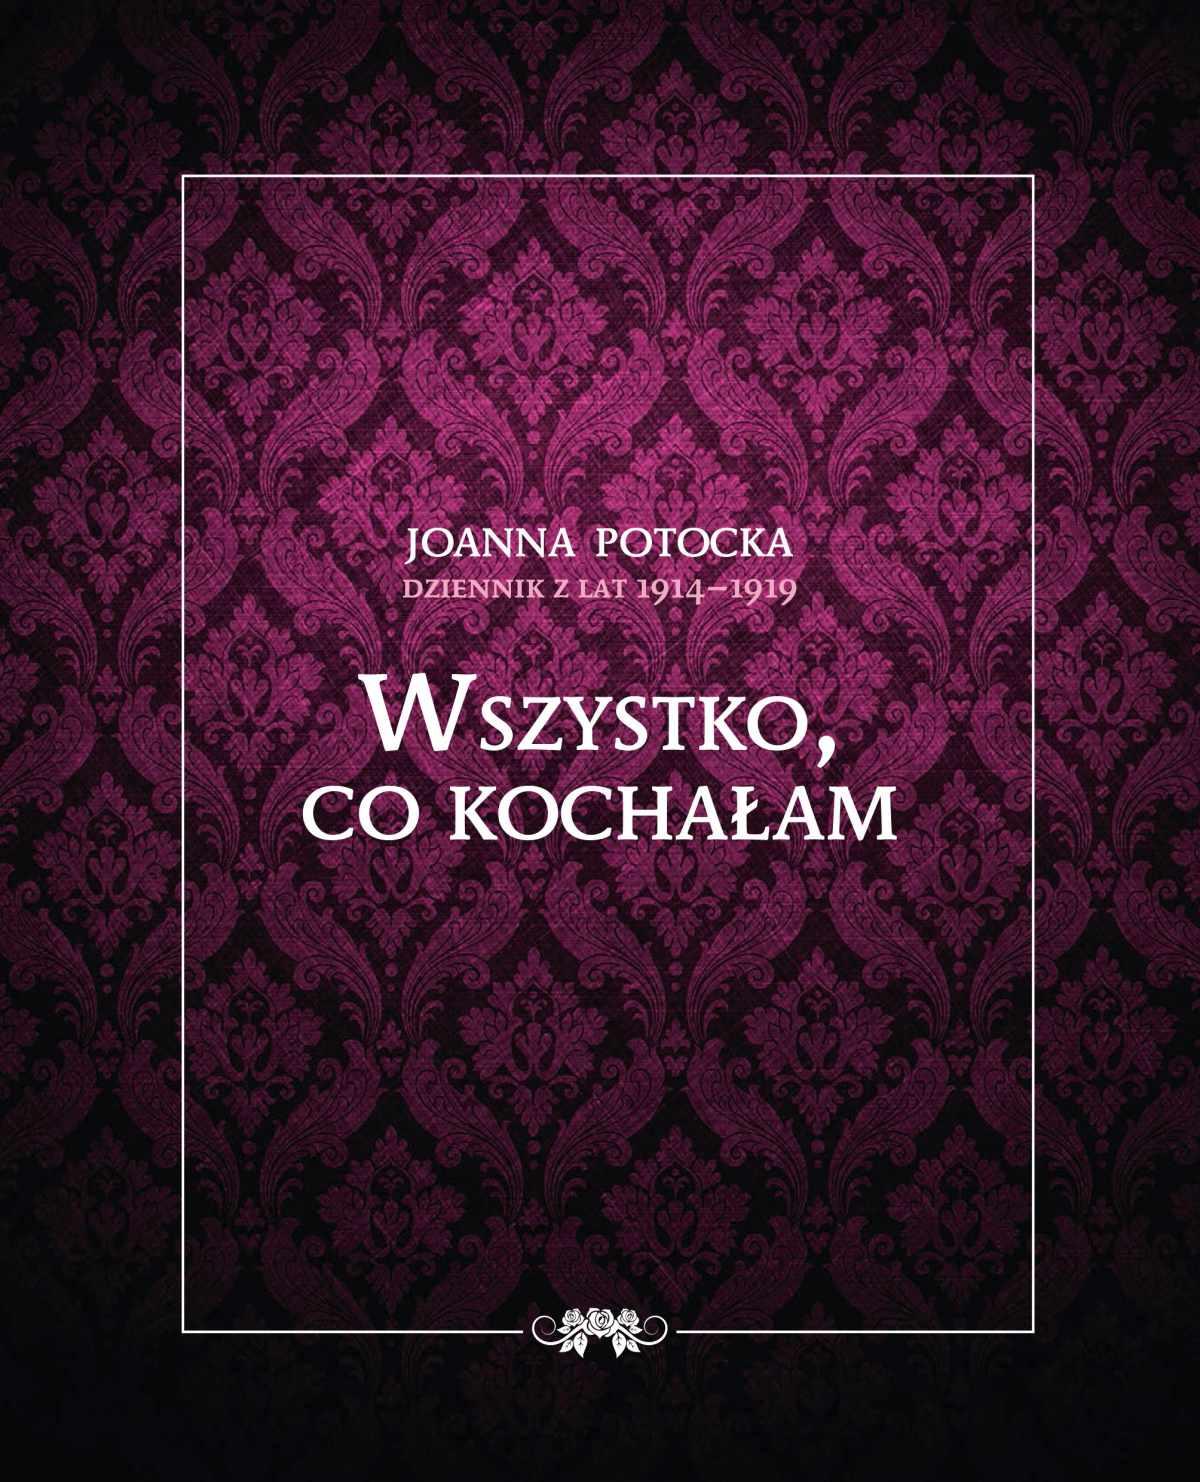 Dziennik z lat 1914-1919. Wszystko, co kochałam - Ebook (Książka EPUB) do pobrania w formacie EPUB